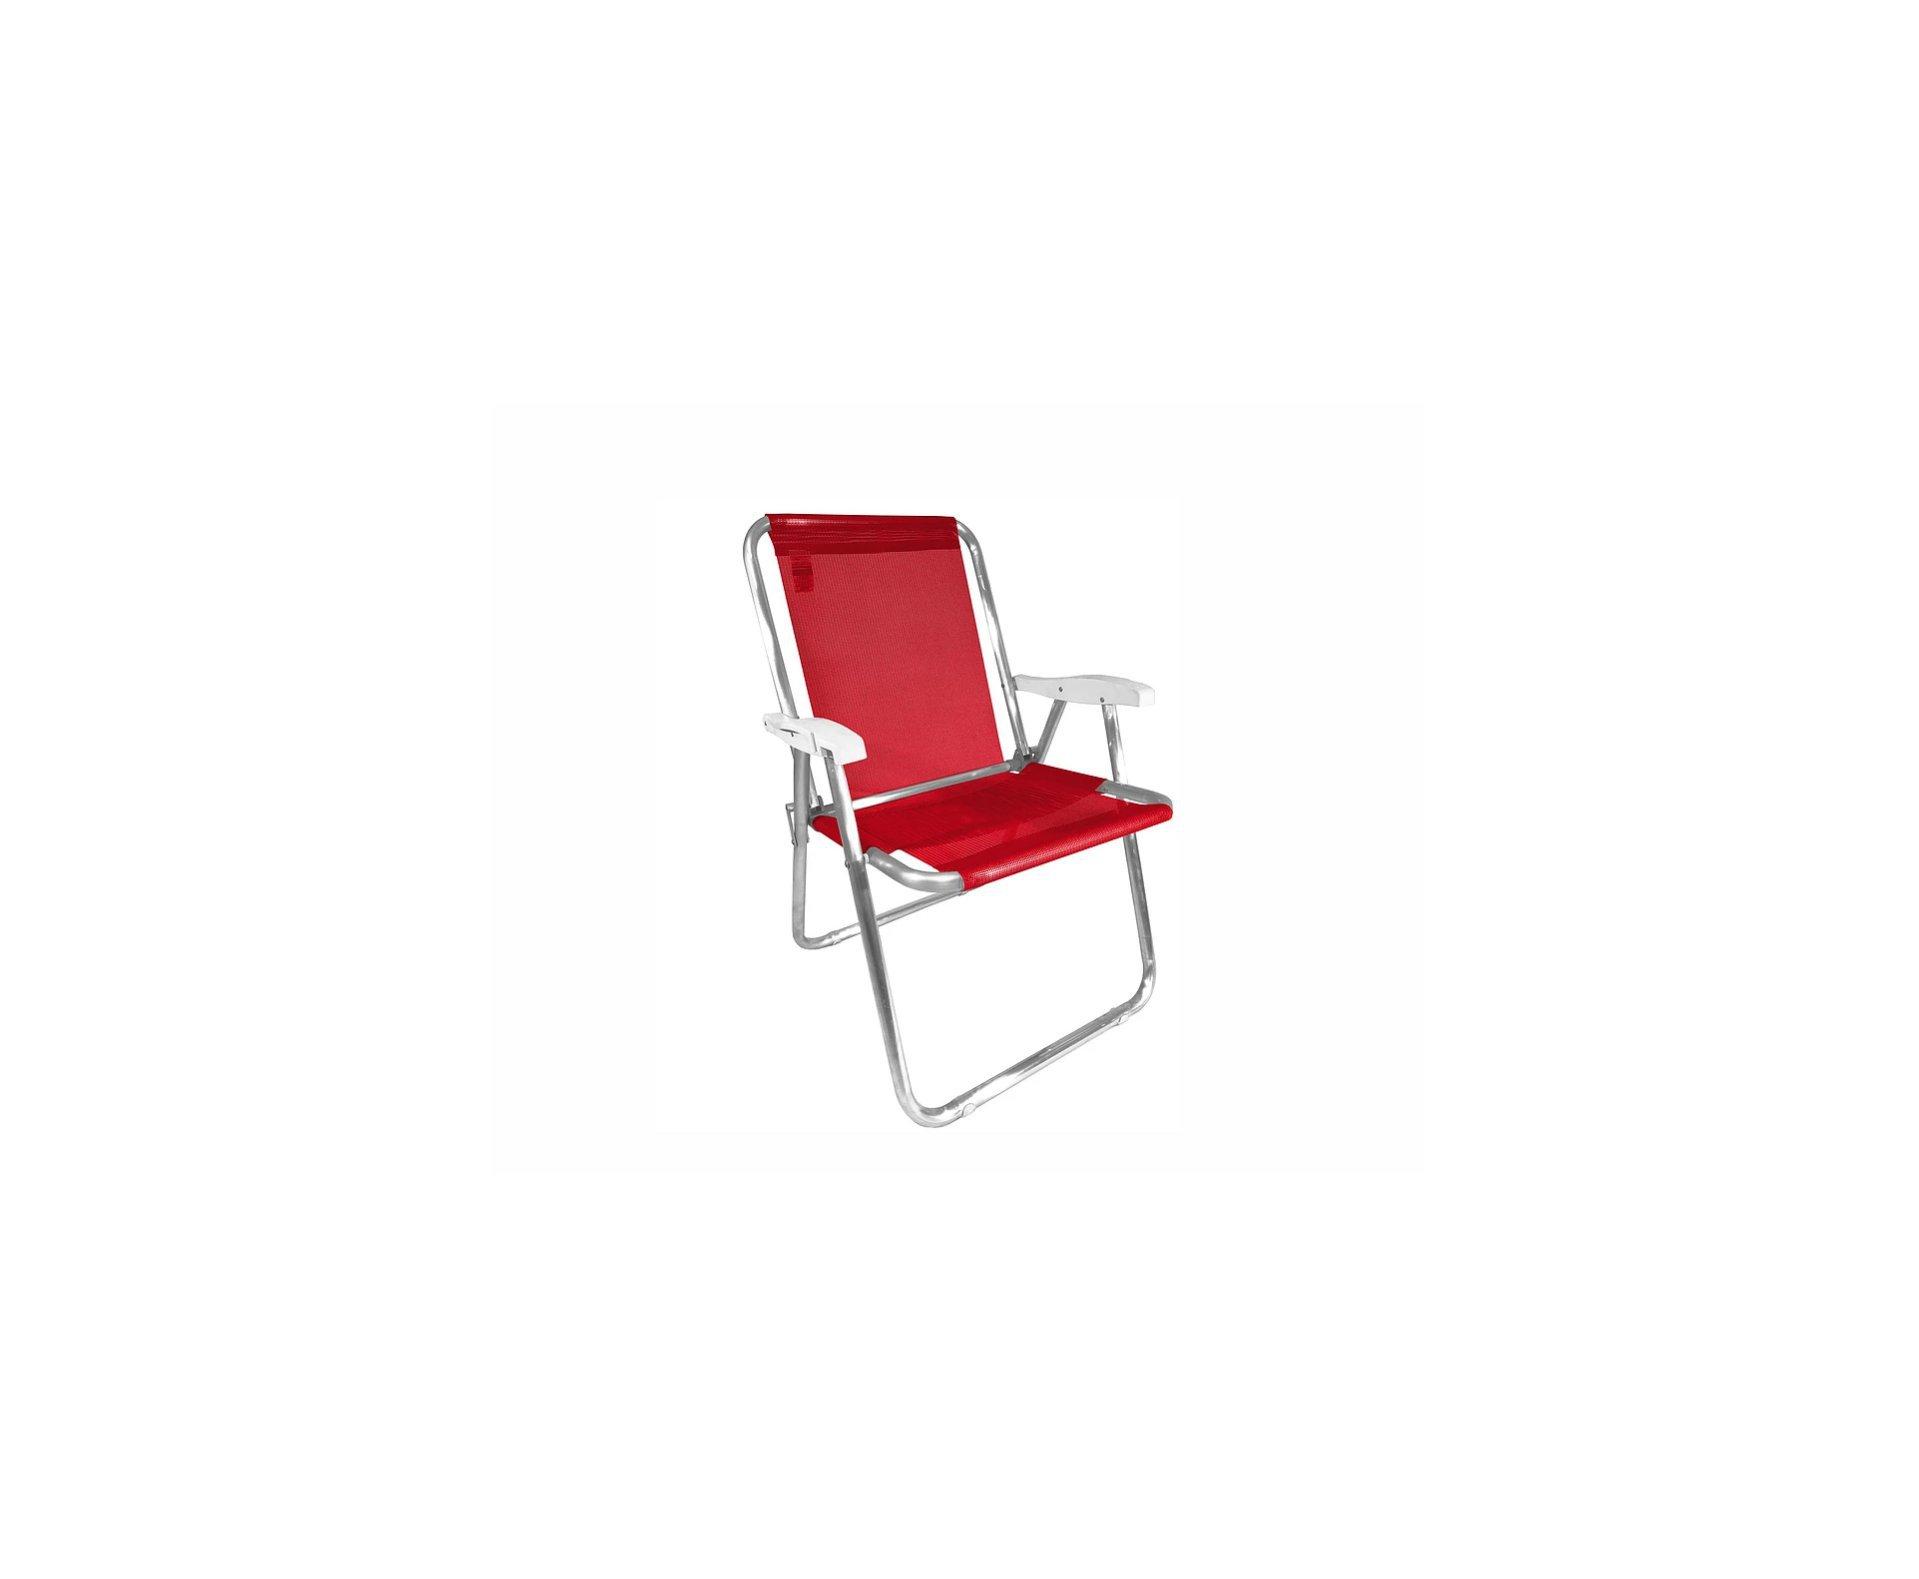 Cadeira Zaka Max Alumínio Vermelha Capacidade 140kg